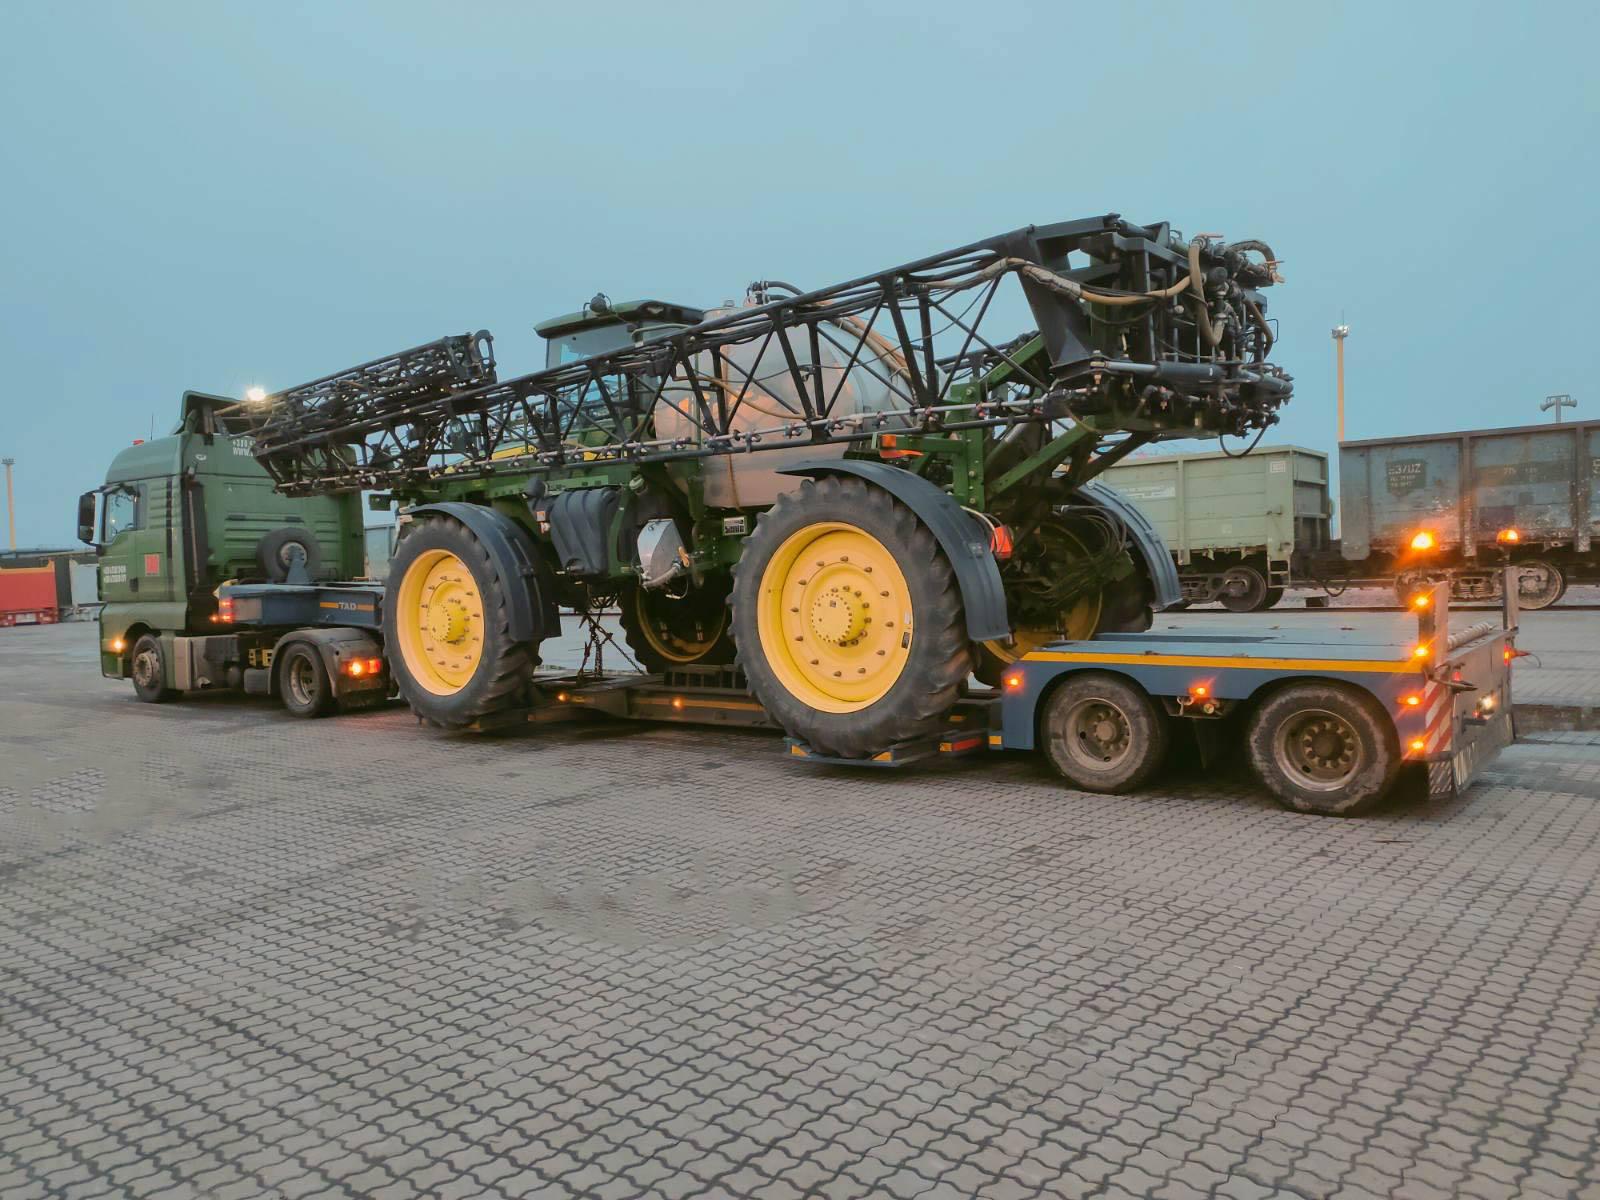 Transportation of the #JohnDeere4940 sprayer across Ukraine -1